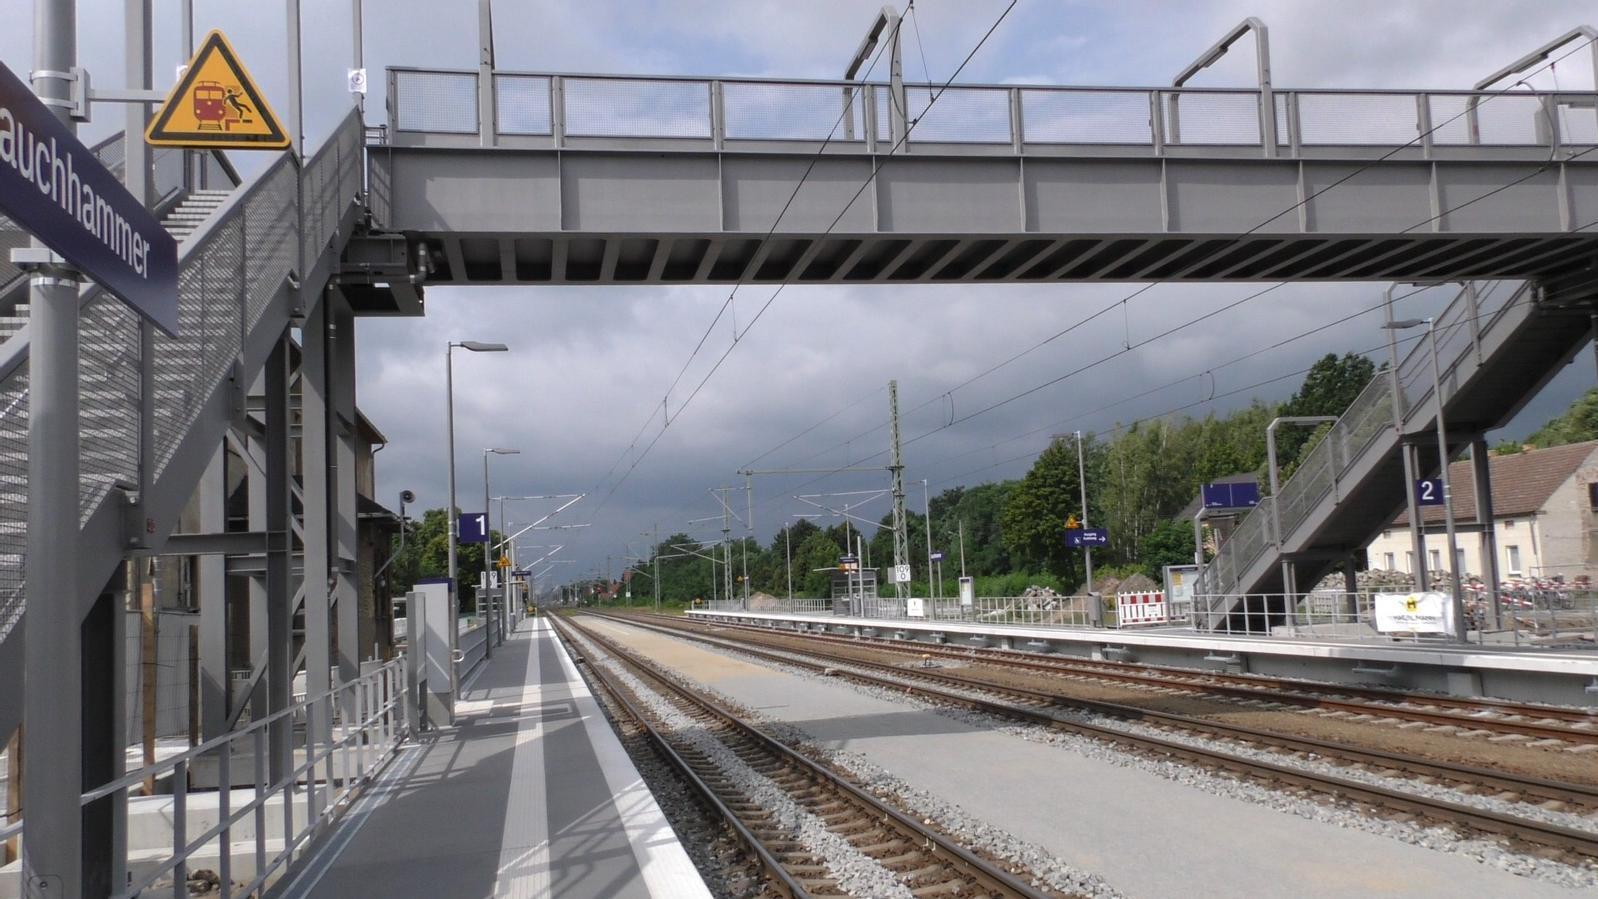 Diese Fußgängerbrücke hat keinen Blitzableiter und wird so zur Gefahr für Reisende. ©Stadt Lauchhammer